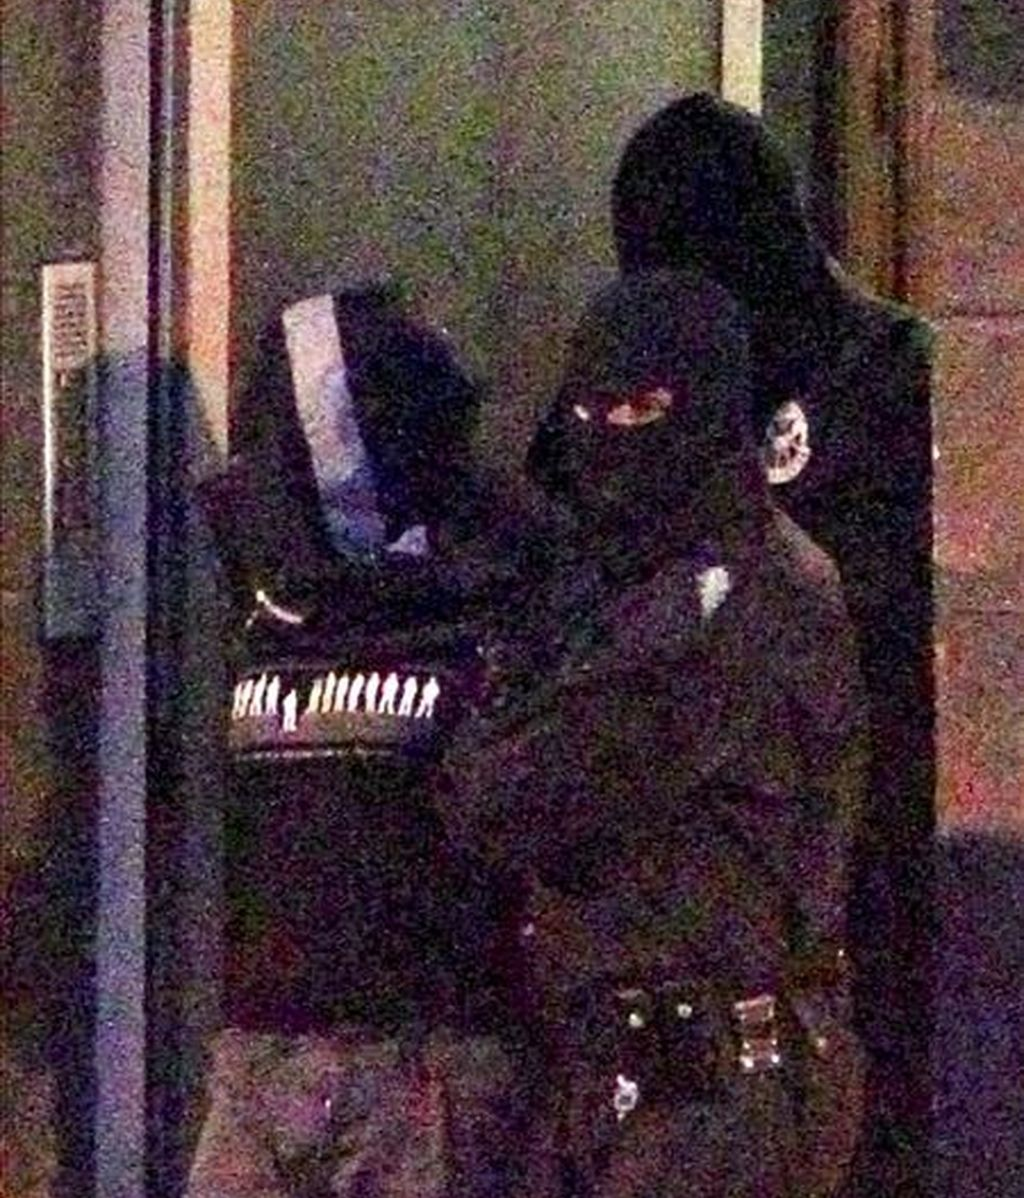 Agentes de la la Ertzaintza trasladan al presunto etarra Gurutz Aguirresarobe Pagola, detenido ayer en Hernani (Guipúzcoa), que podría ser el autor material del asesinato del ex-jefe de la policía municipal de Andoain, Joseba Pagazaurtundua. EFE